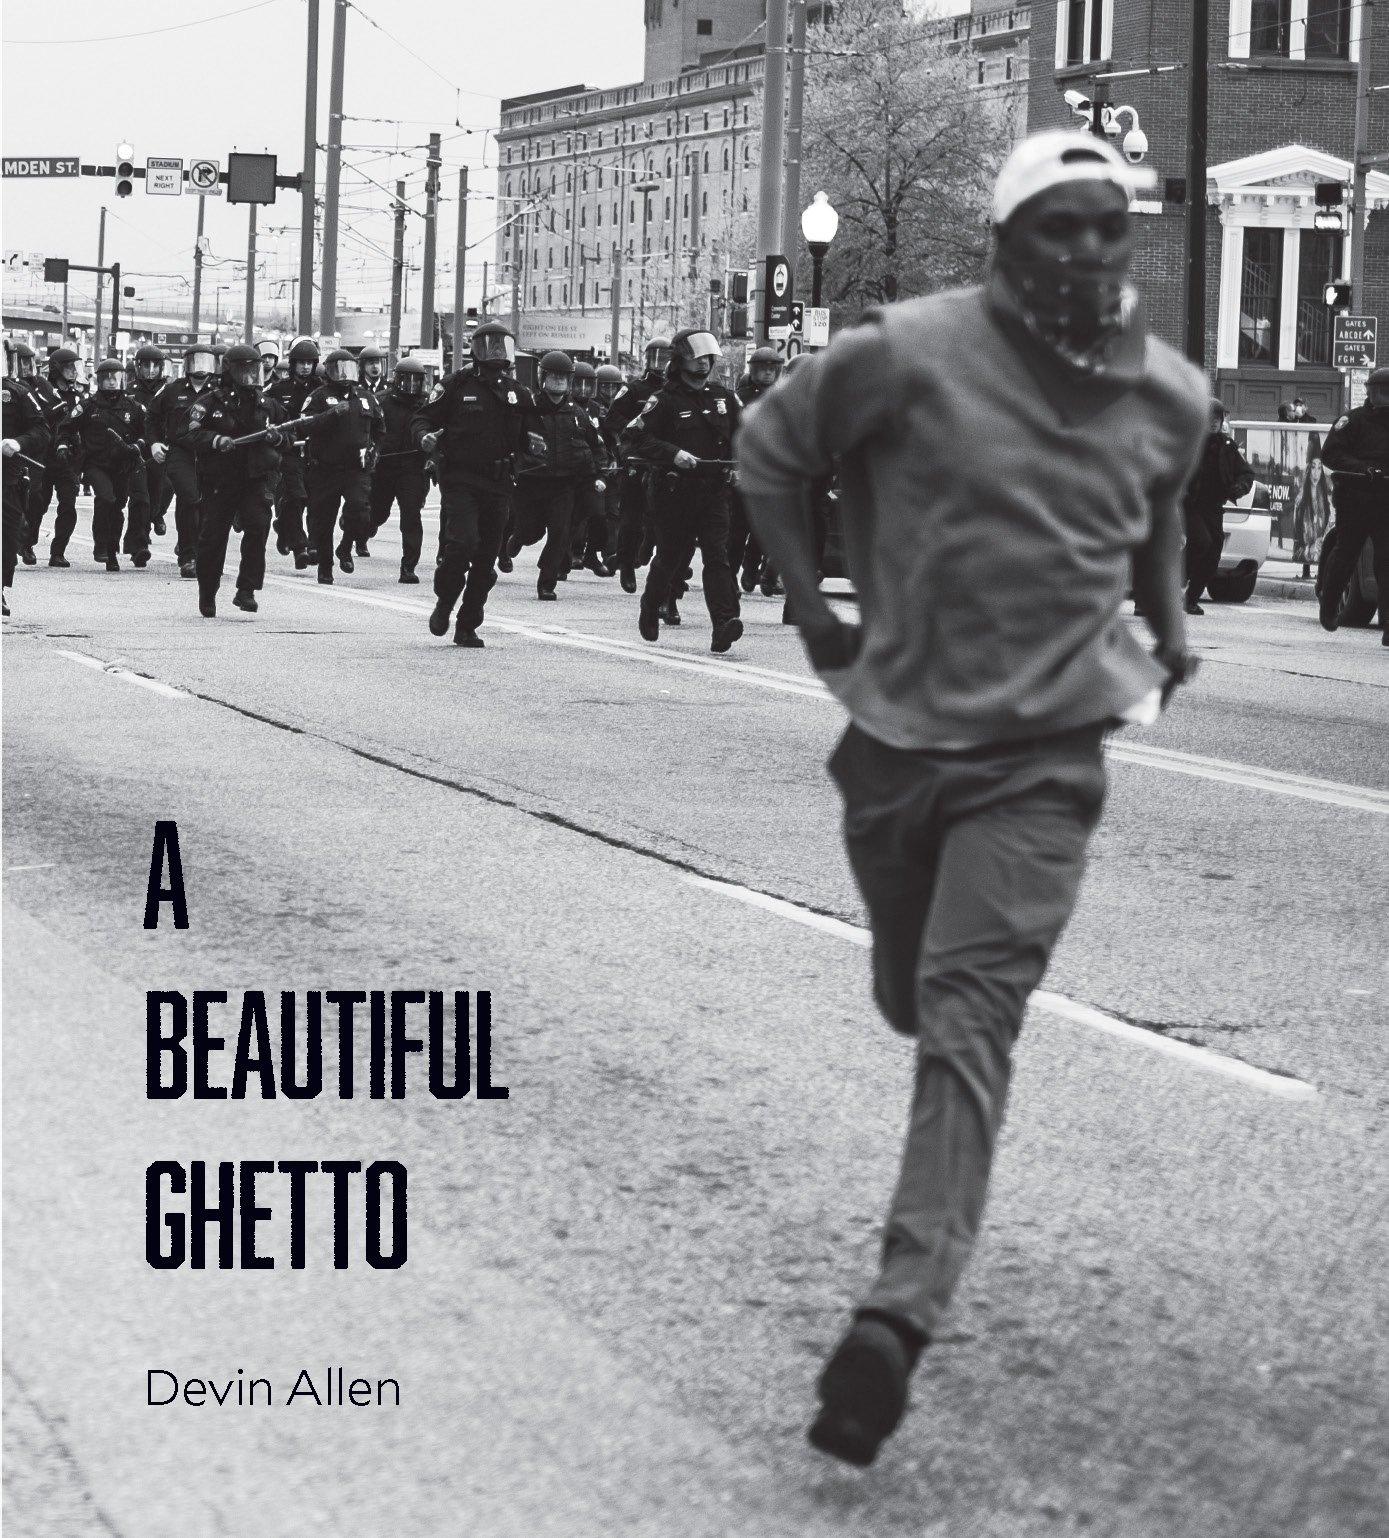 Book cover: A Beautiful Ghetto by Devin Allen